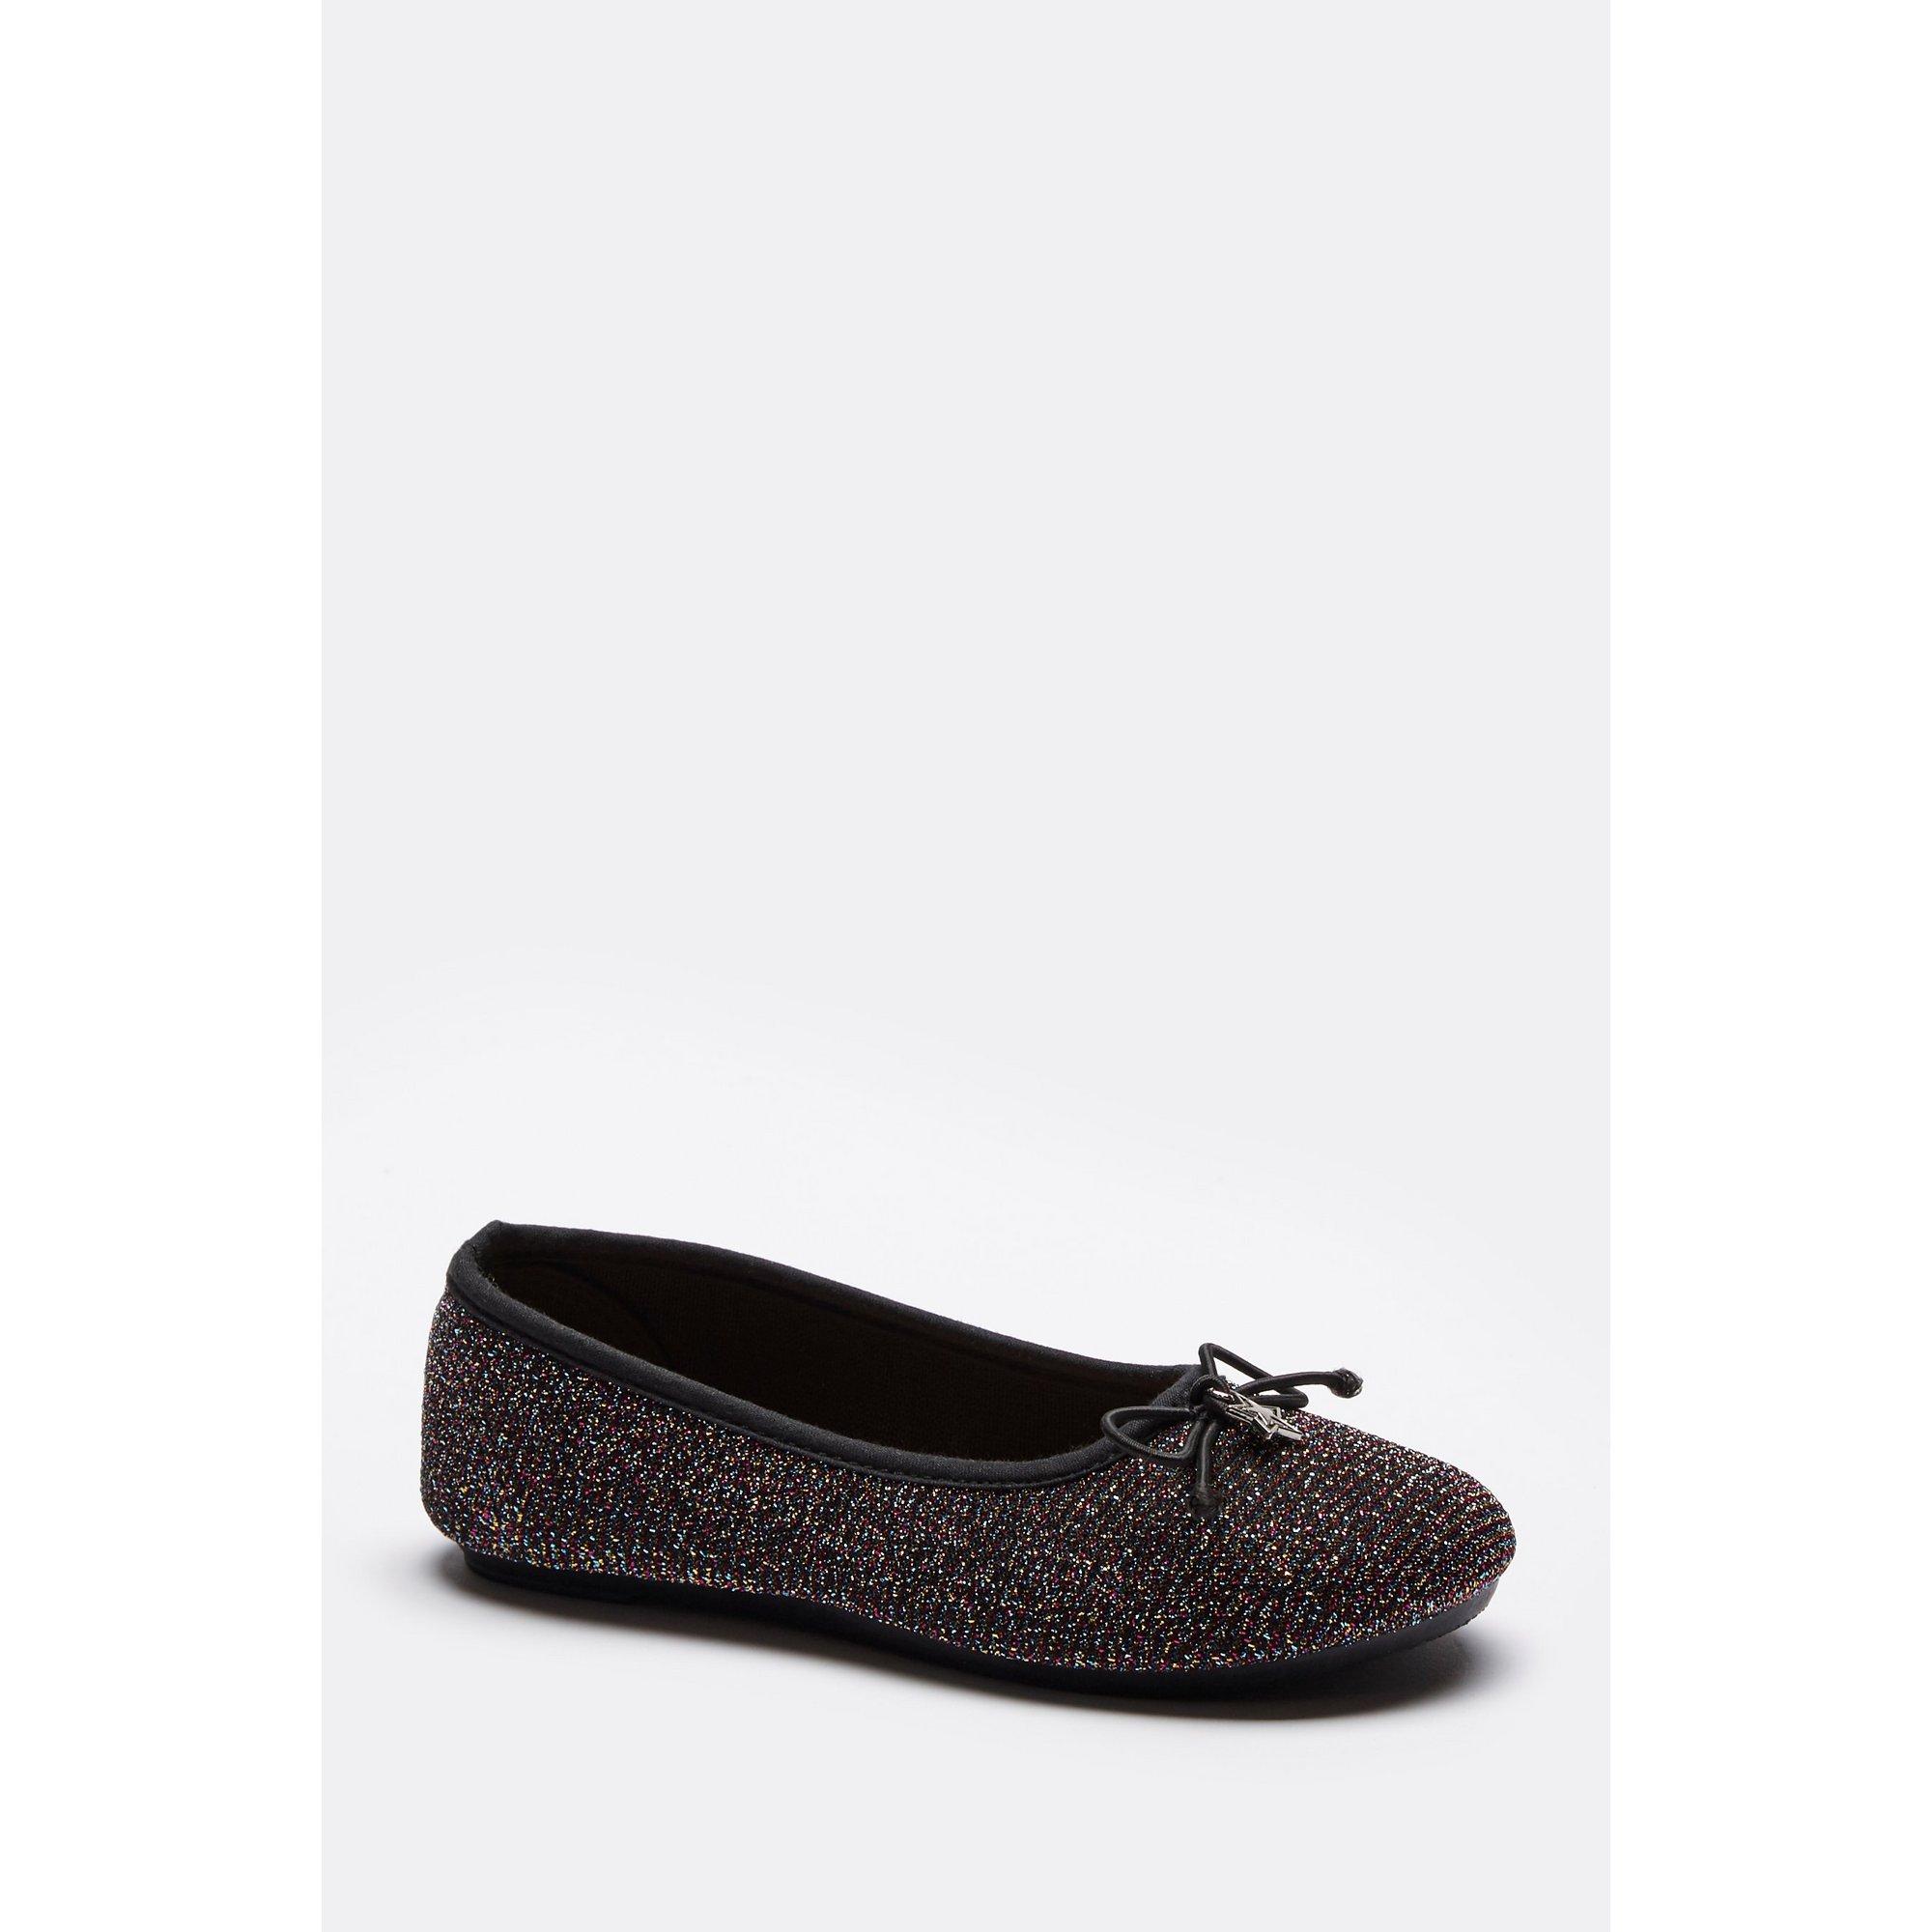 Image of Girls Glitter Ballerina Shoes